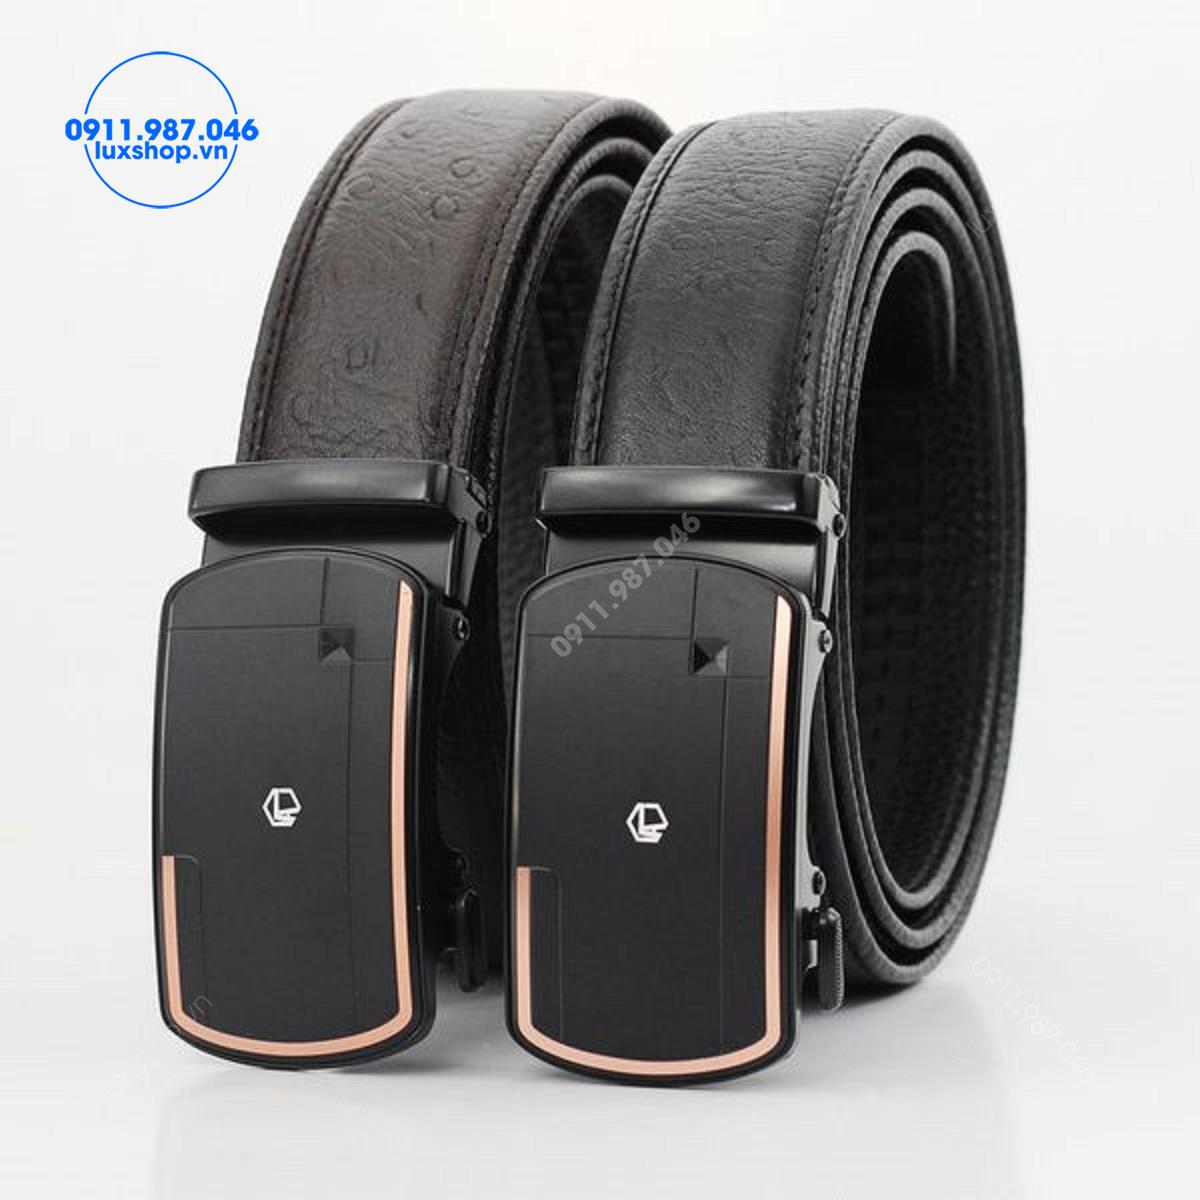 Thắt lưng nam da bò vân đà điểu đầu hợp kim khóa tự động (3.5cm) - L101976